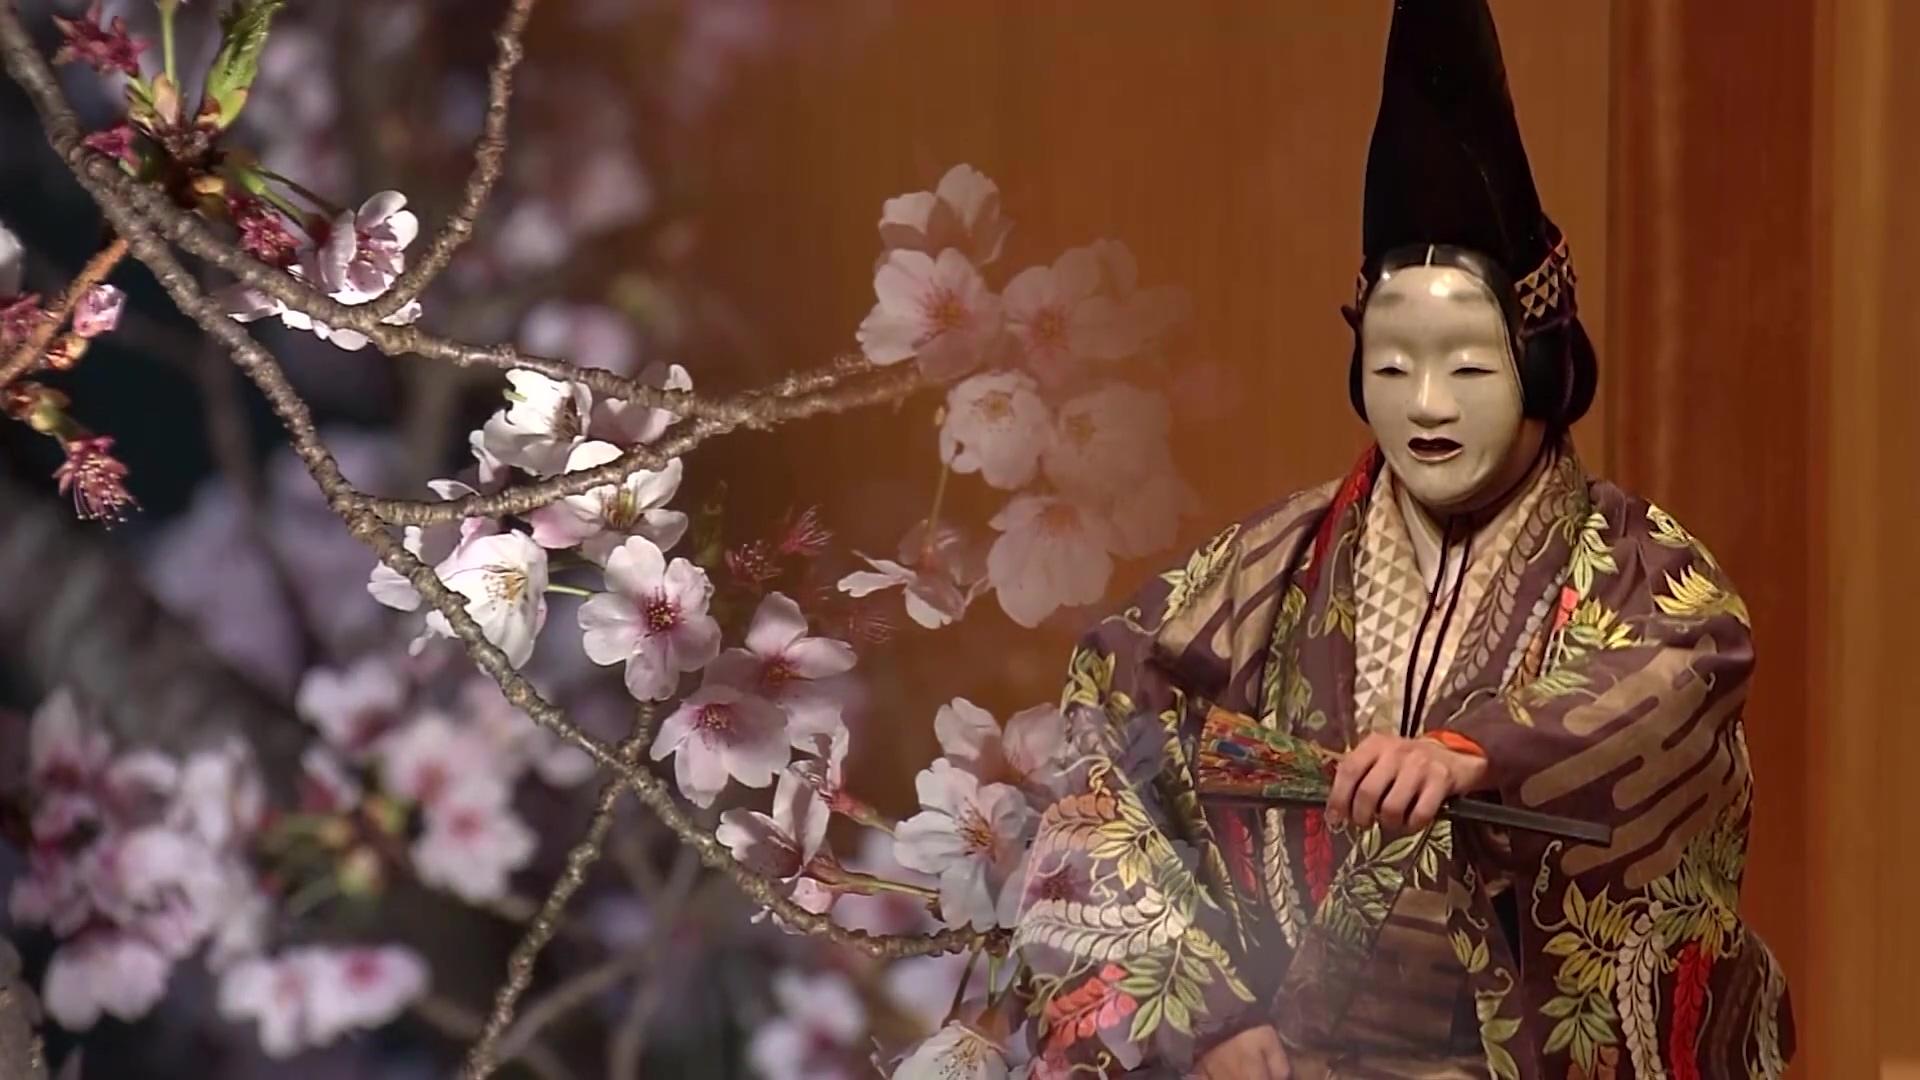 教育向け映像「能楽を通した 日本の美・心」デジタル視聴ページのご案内